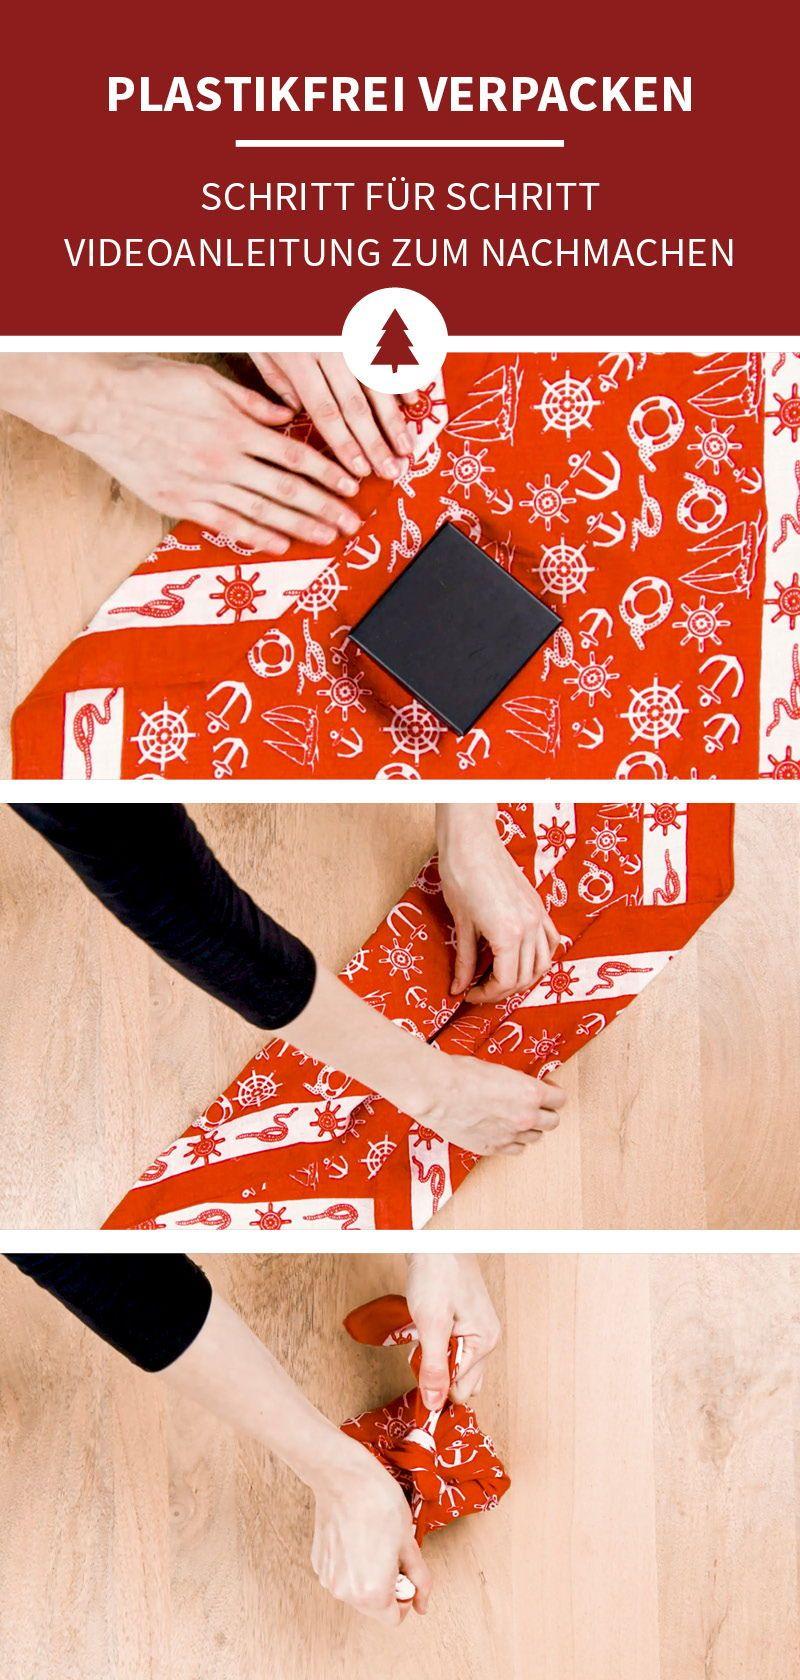 Süße Weihnachtsgrüße: So einfach kannst du sie selber machen